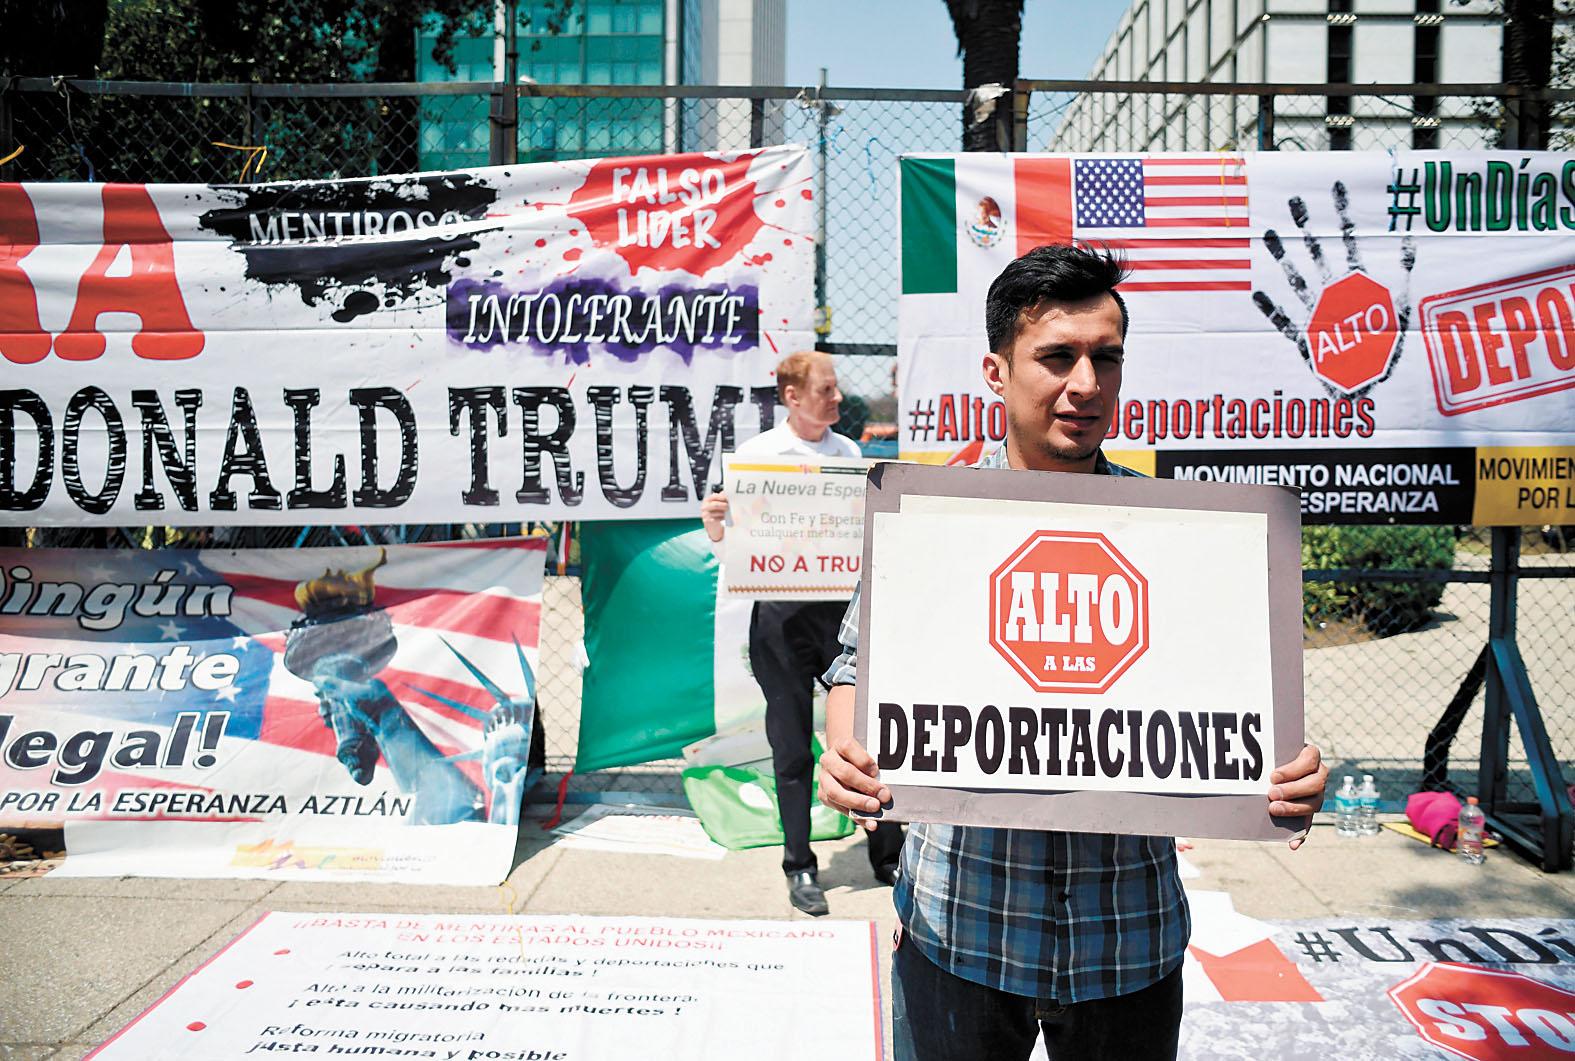 美國總統特朗普(小圖)徵收關稅的計劃引發多方批評。大圖為北美自由貿易協定第七輪談判之際,墨西哥一名男子5日在美國使館外舉牌抗議。法新社/美聯社